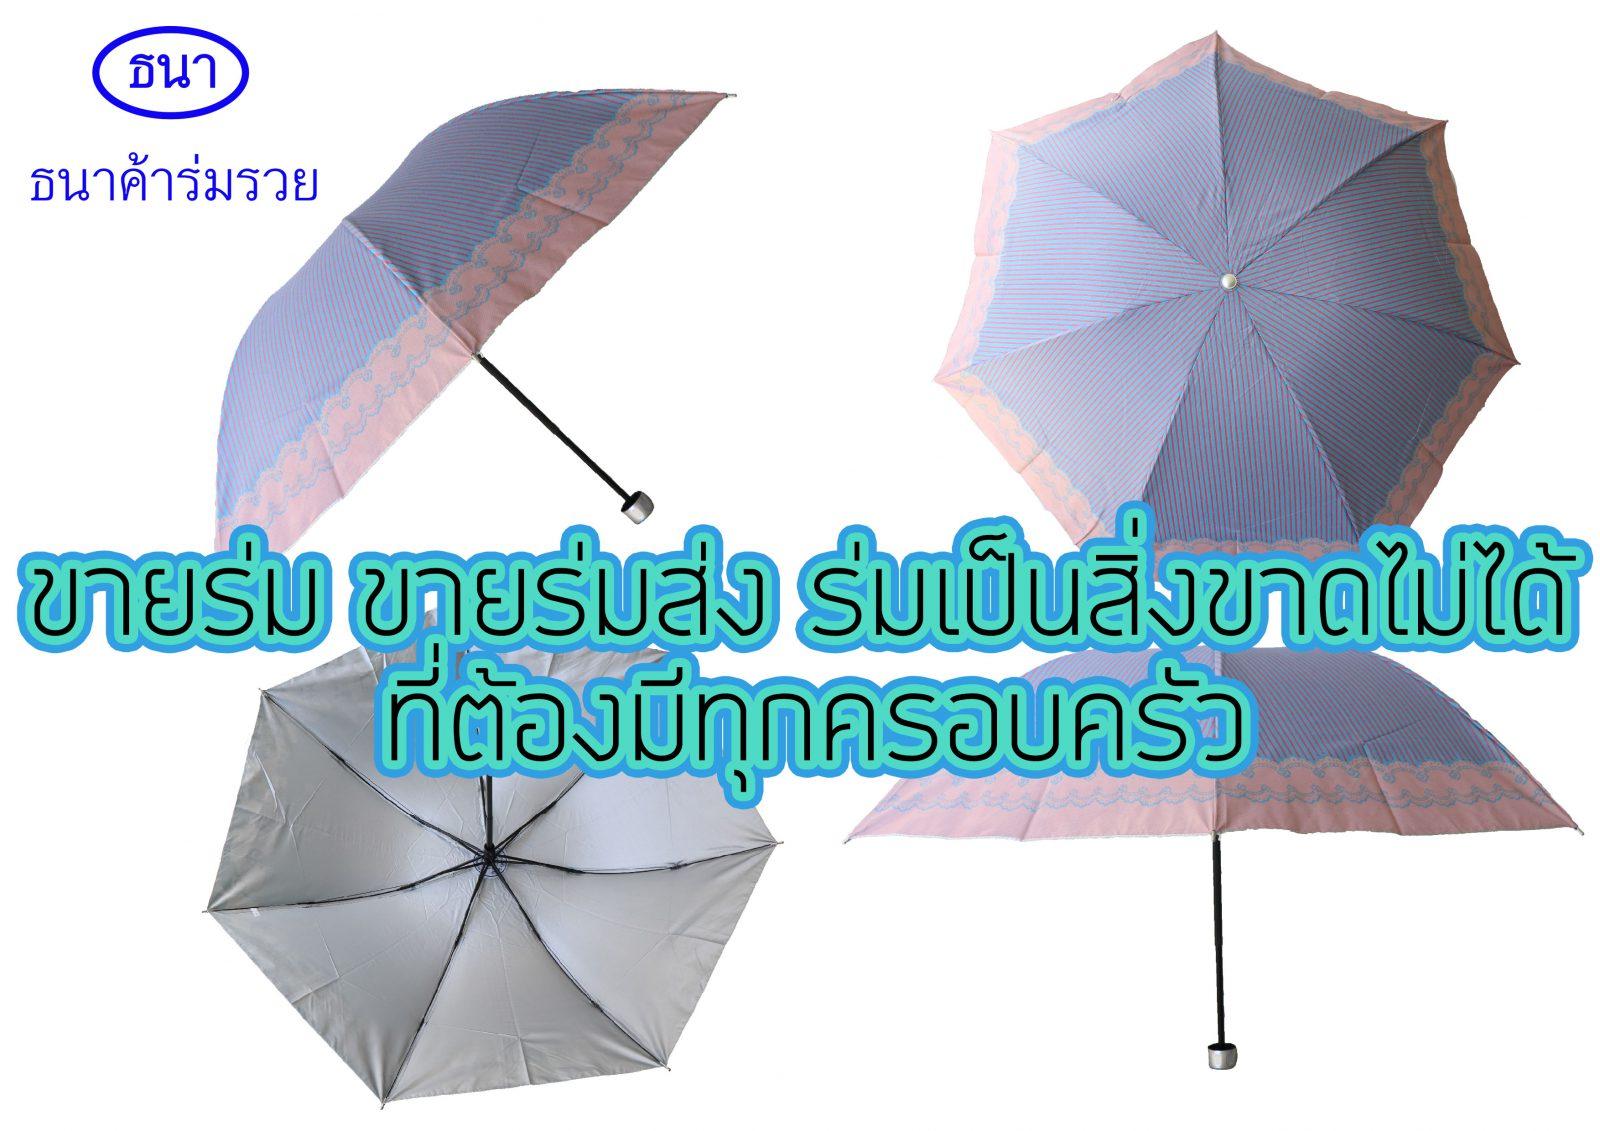 ขายร่ม ขายร่มส่ง ร่มเป็นสิ่งขาดไม่ได้ ที่ต้องมีทุกครอบครัว